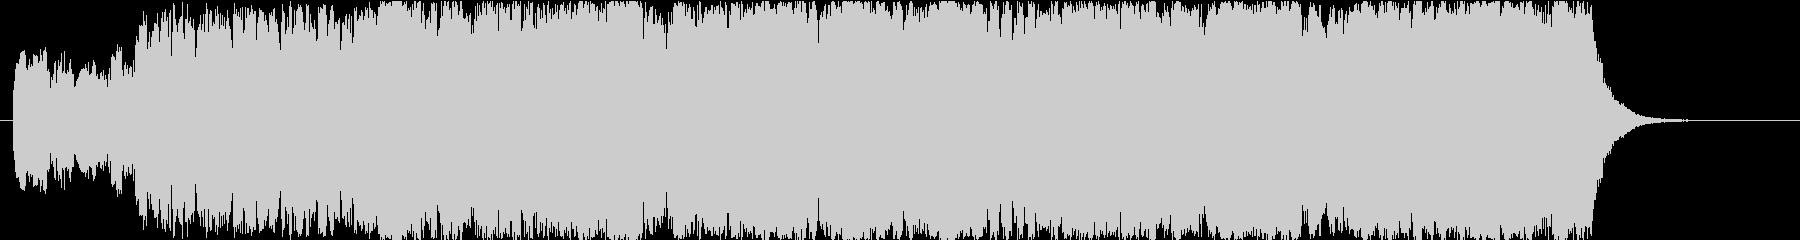 大聖堂の荘厳なパイプオルガンの未再生の波形